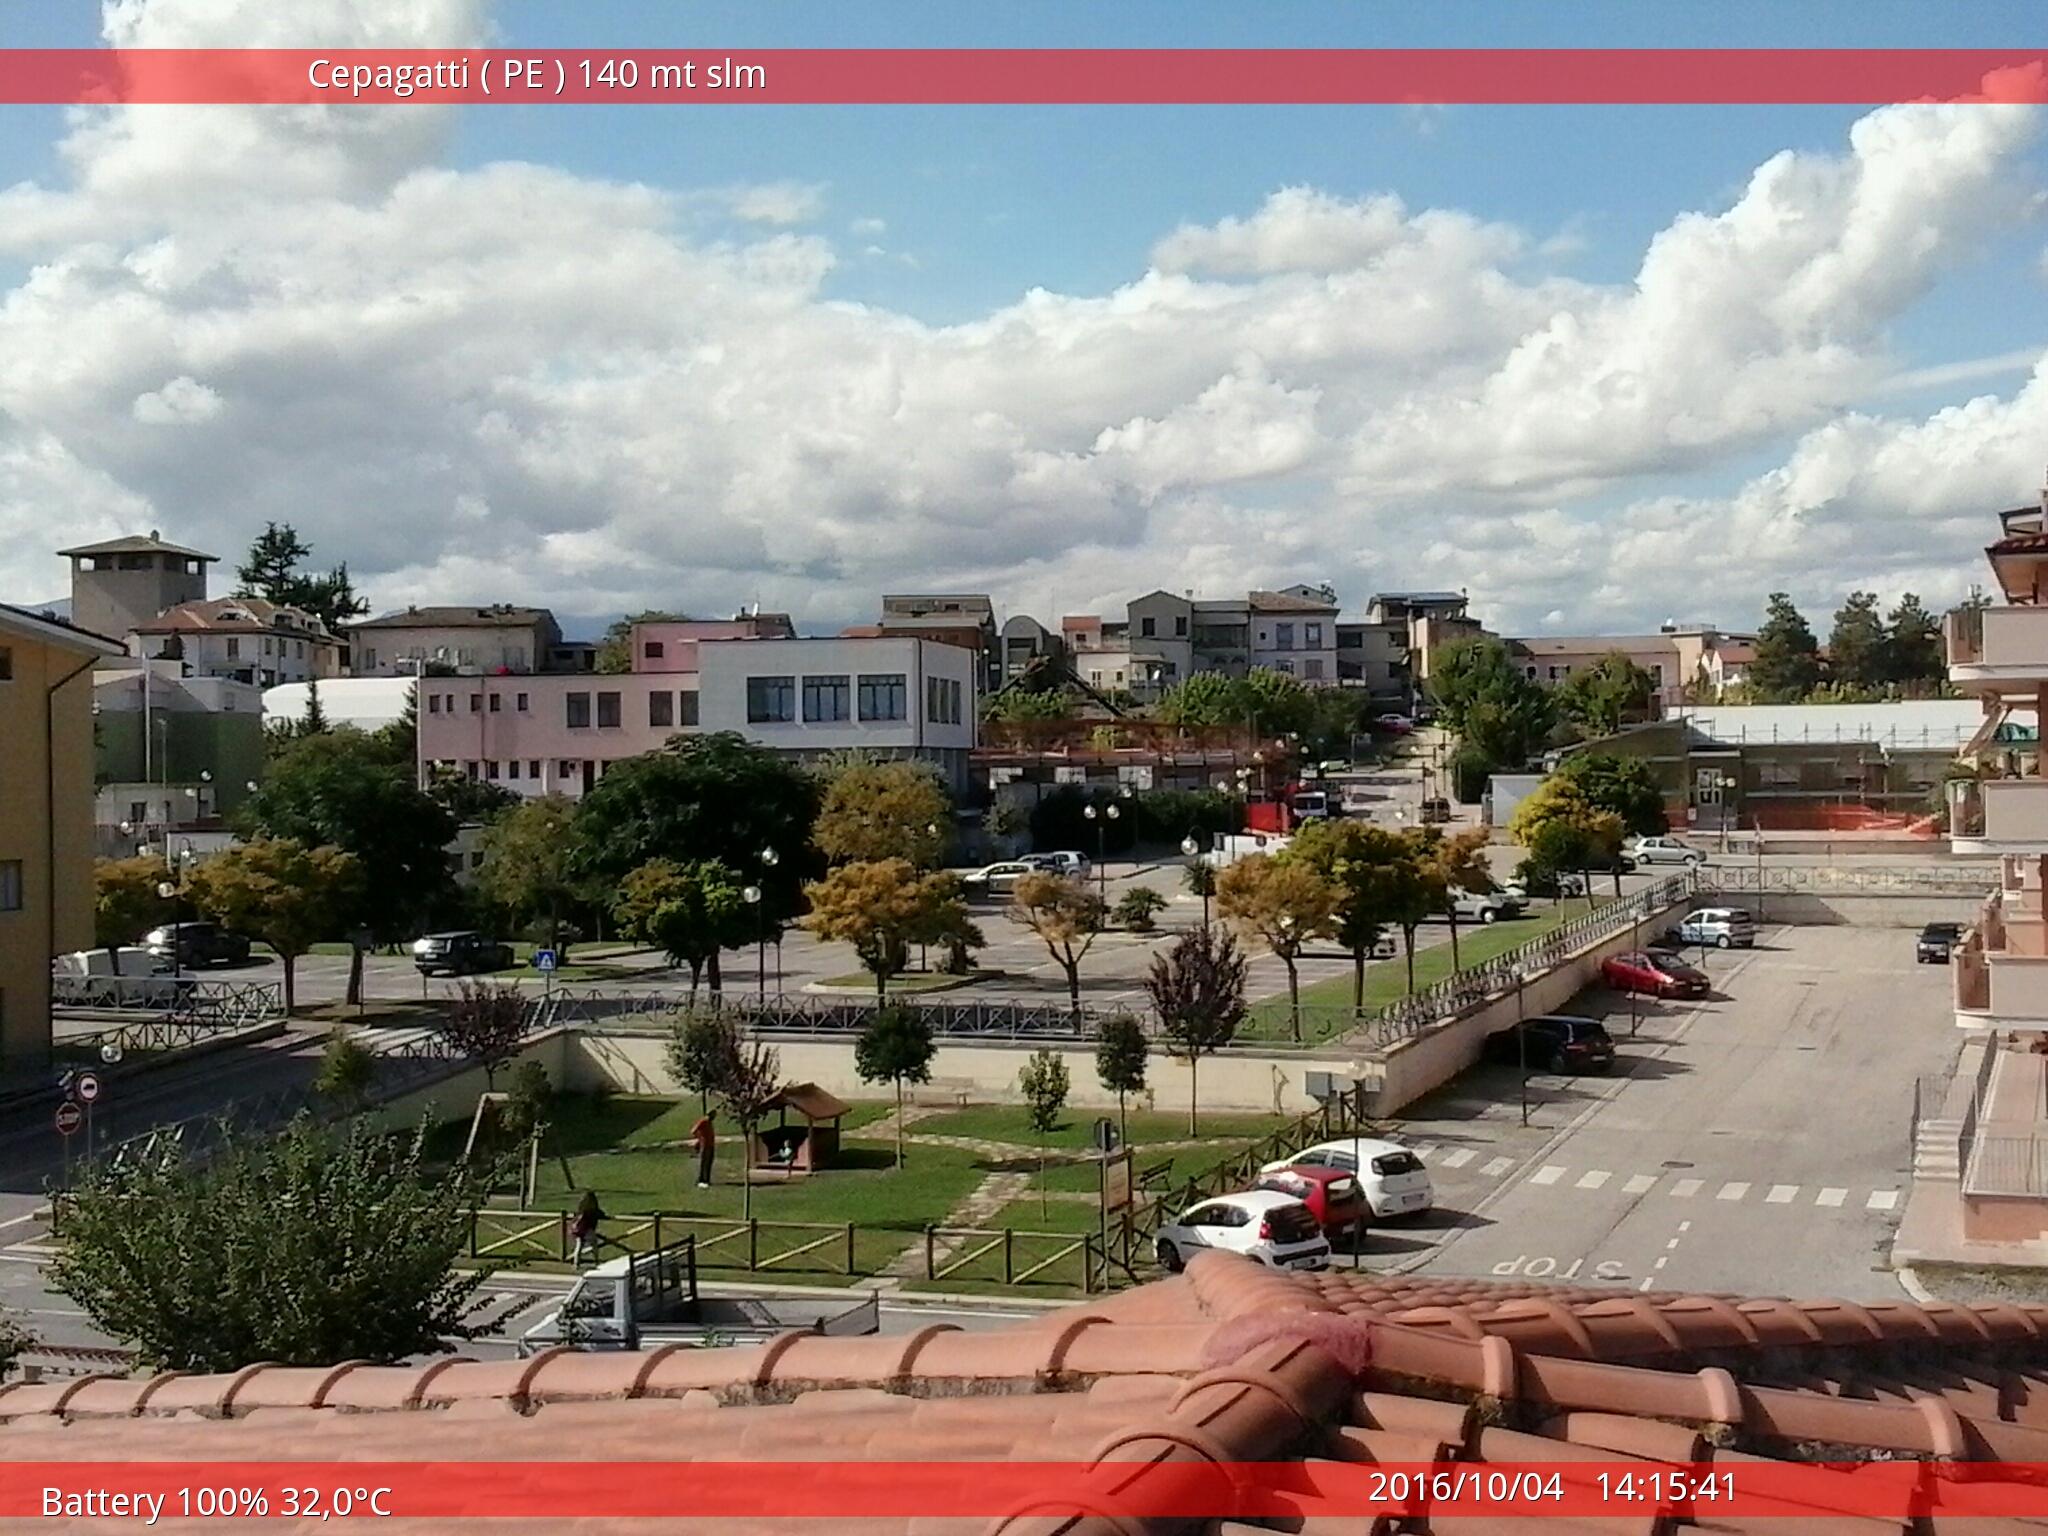 webcam Cepagatti (PE)